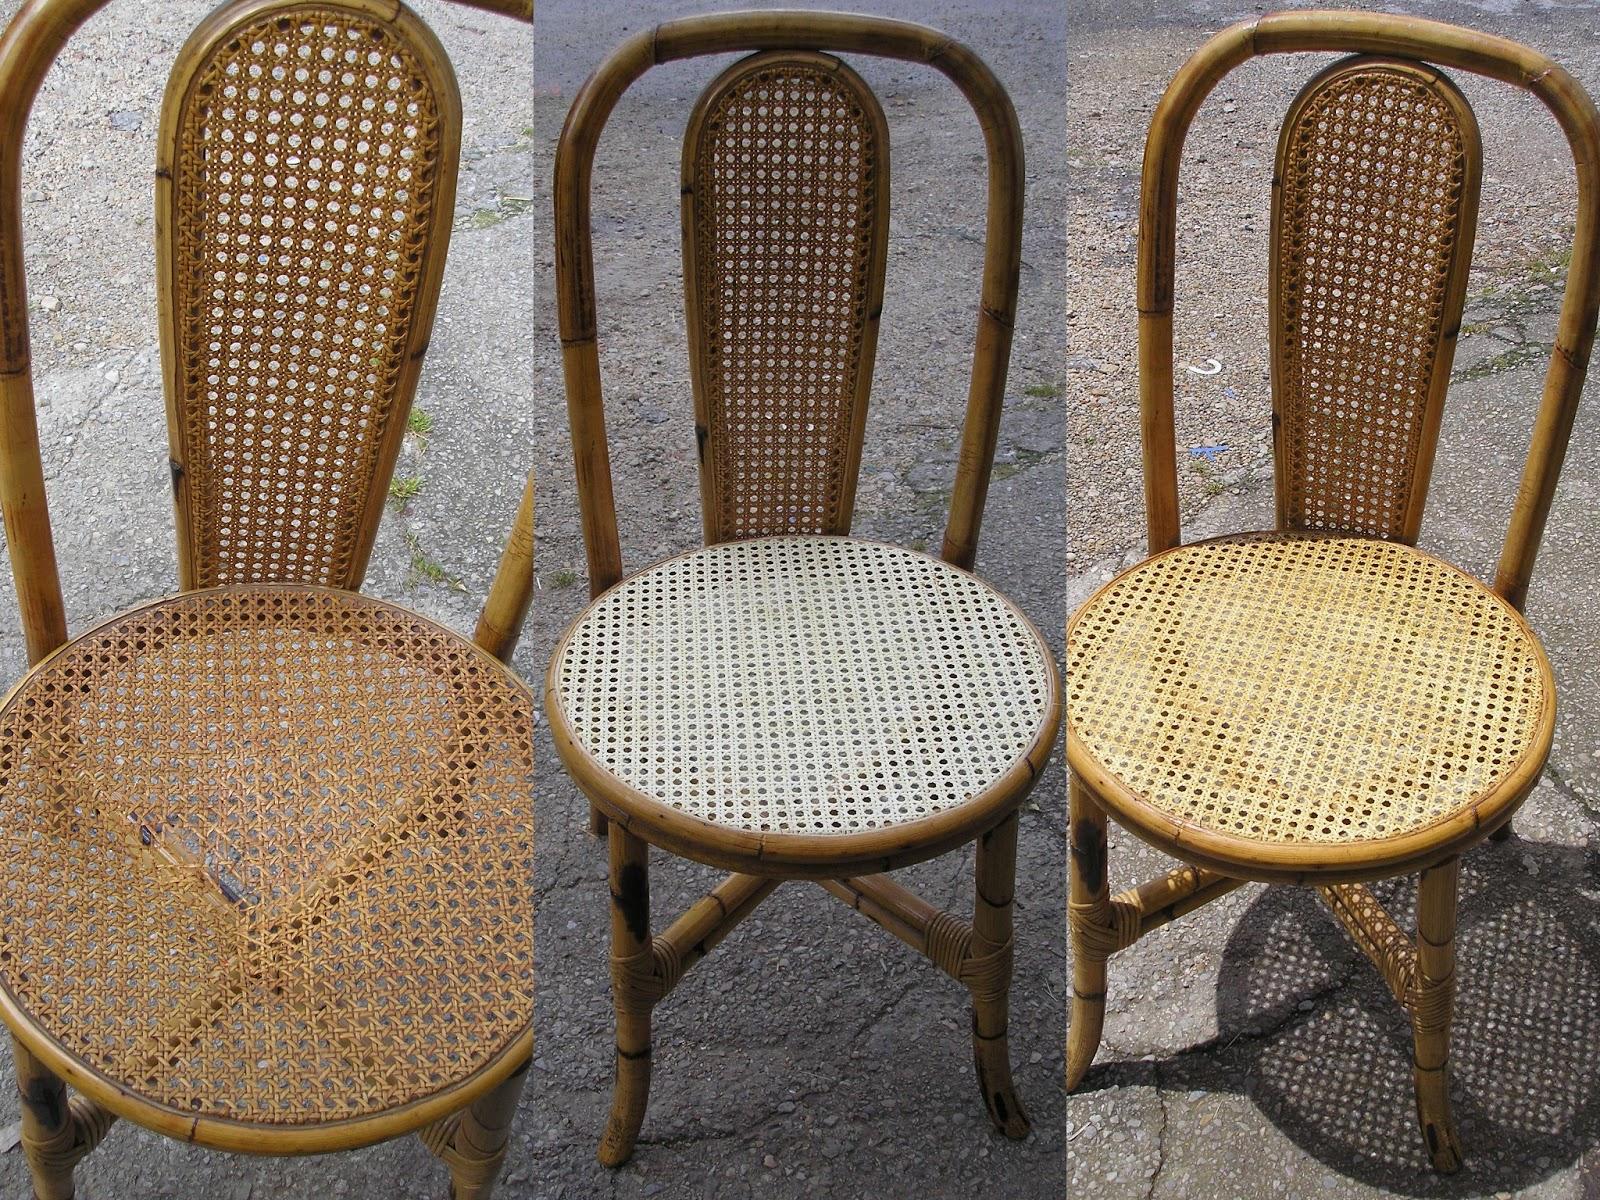 Restauraci n y rejilla sillas de rejilla - Reparacion de sillas de rejilla ...